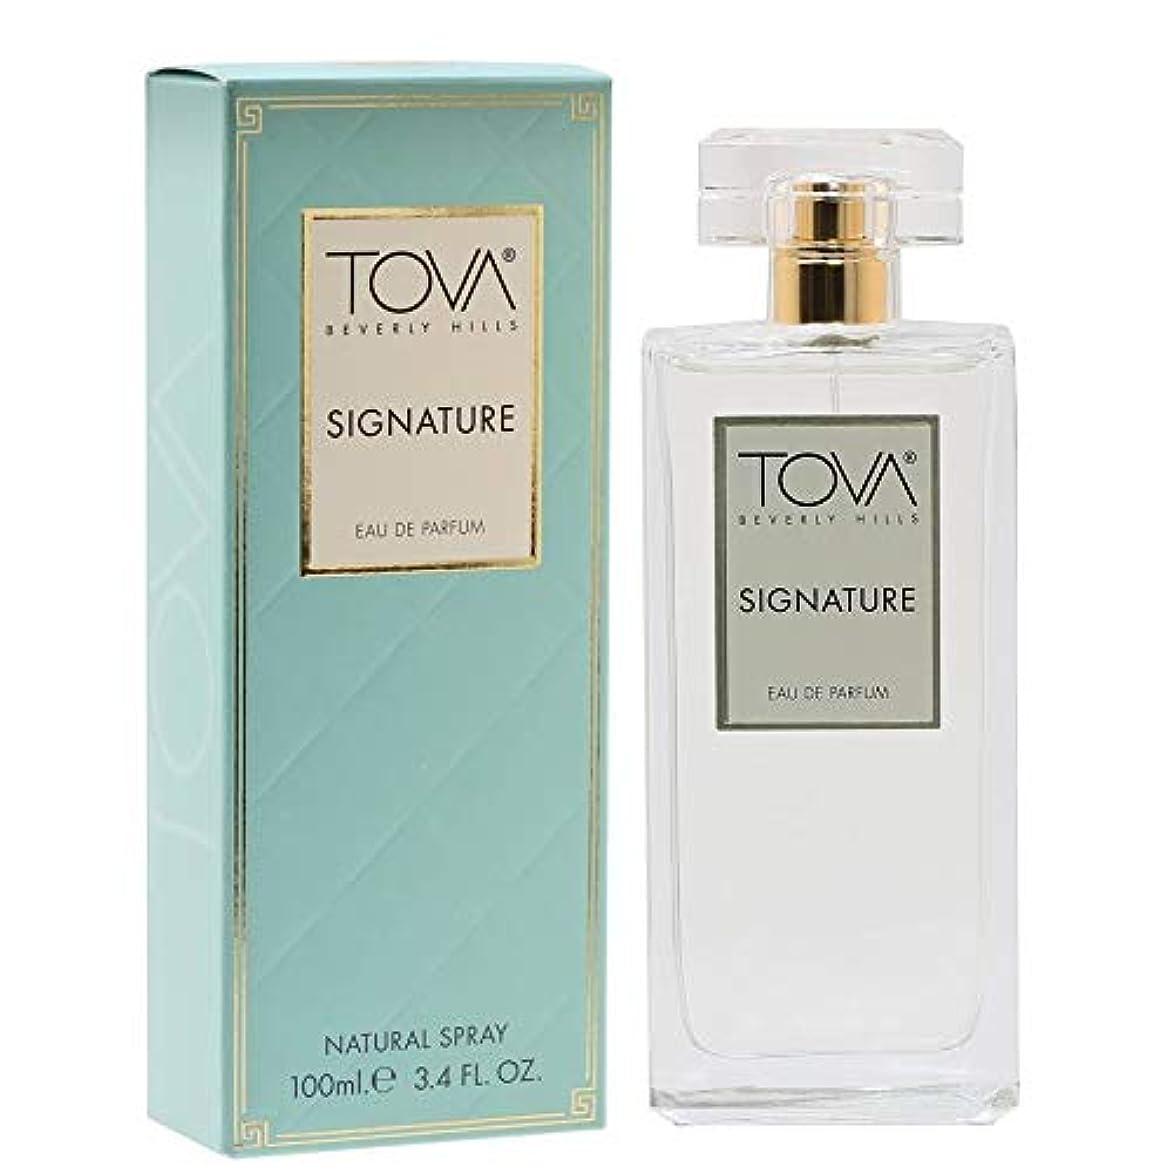 印象的なバーガーインフルエンザTova Signature Fragrance (トヴァ シグネチャ- フレグランス) 3.4 oz (100ml) EDP Spray (New Package 新デザイン)